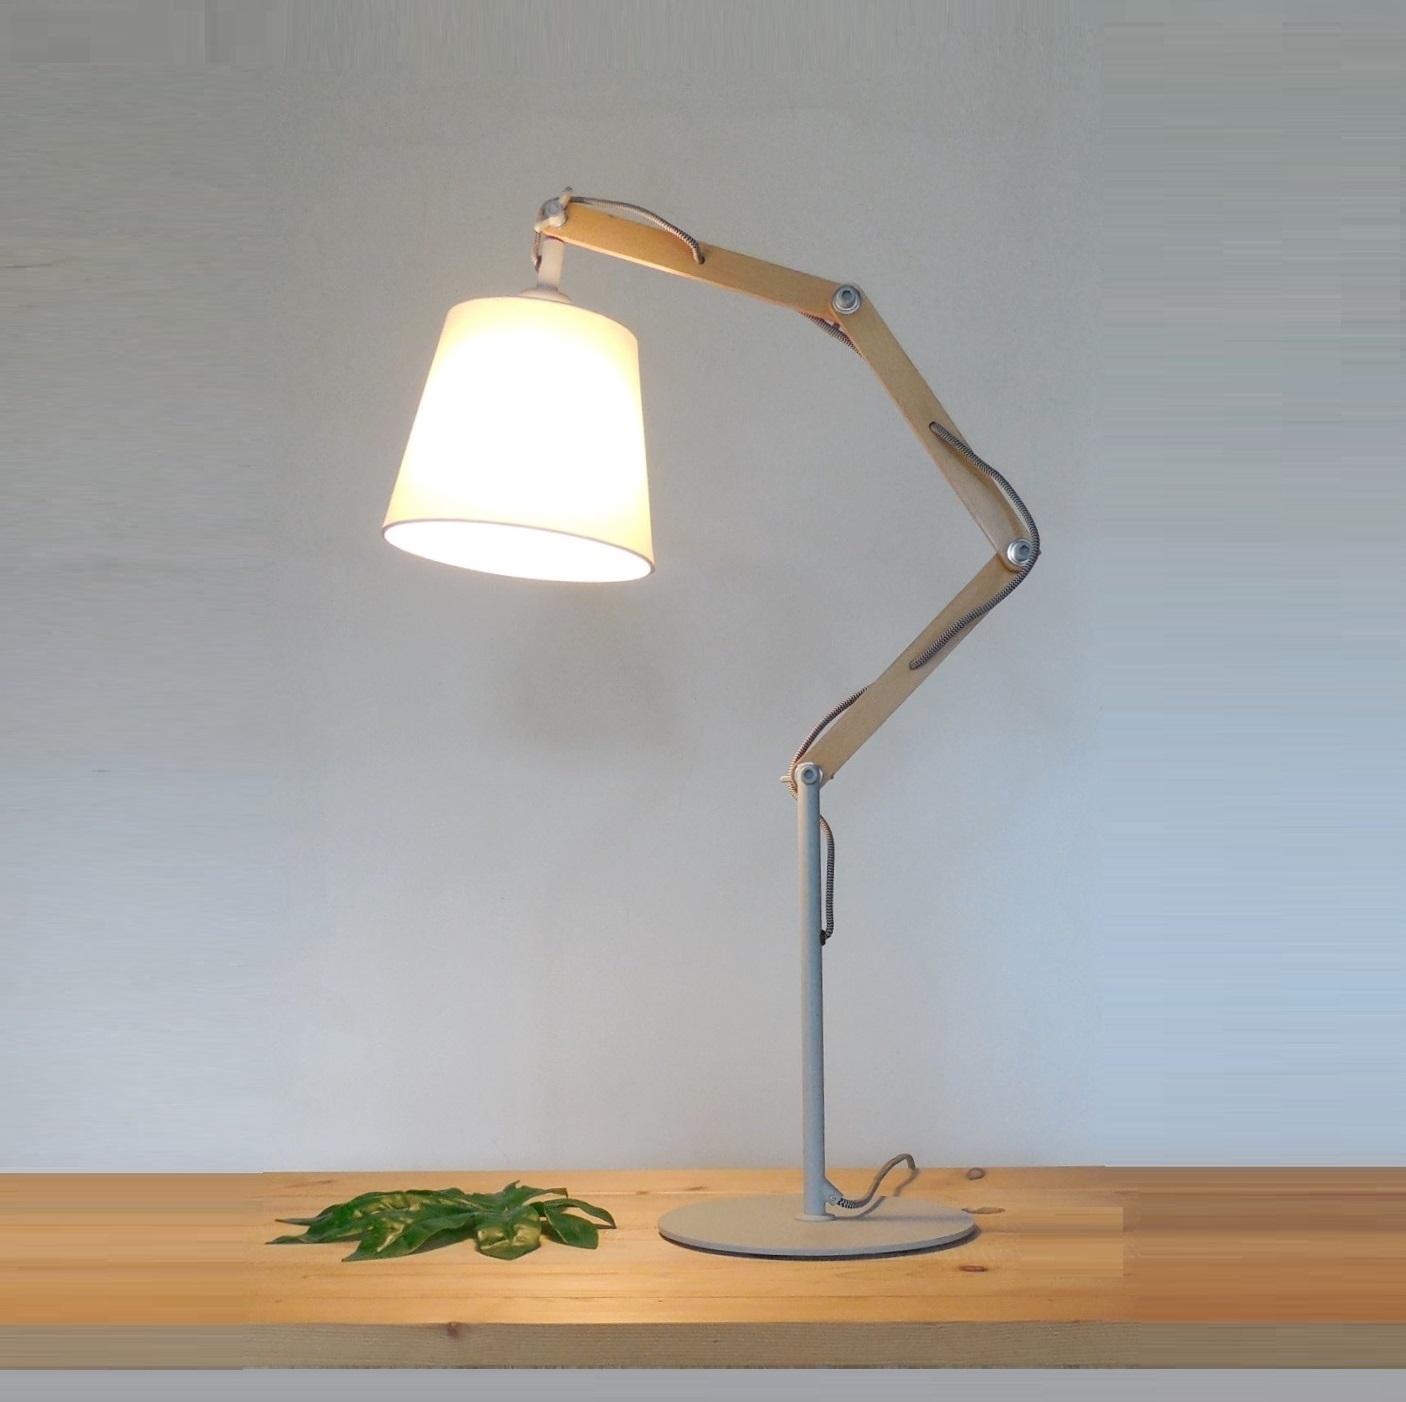 Illuminazione Lampada da tavolo a1 teo, vendita online lampade - Illuminazion...